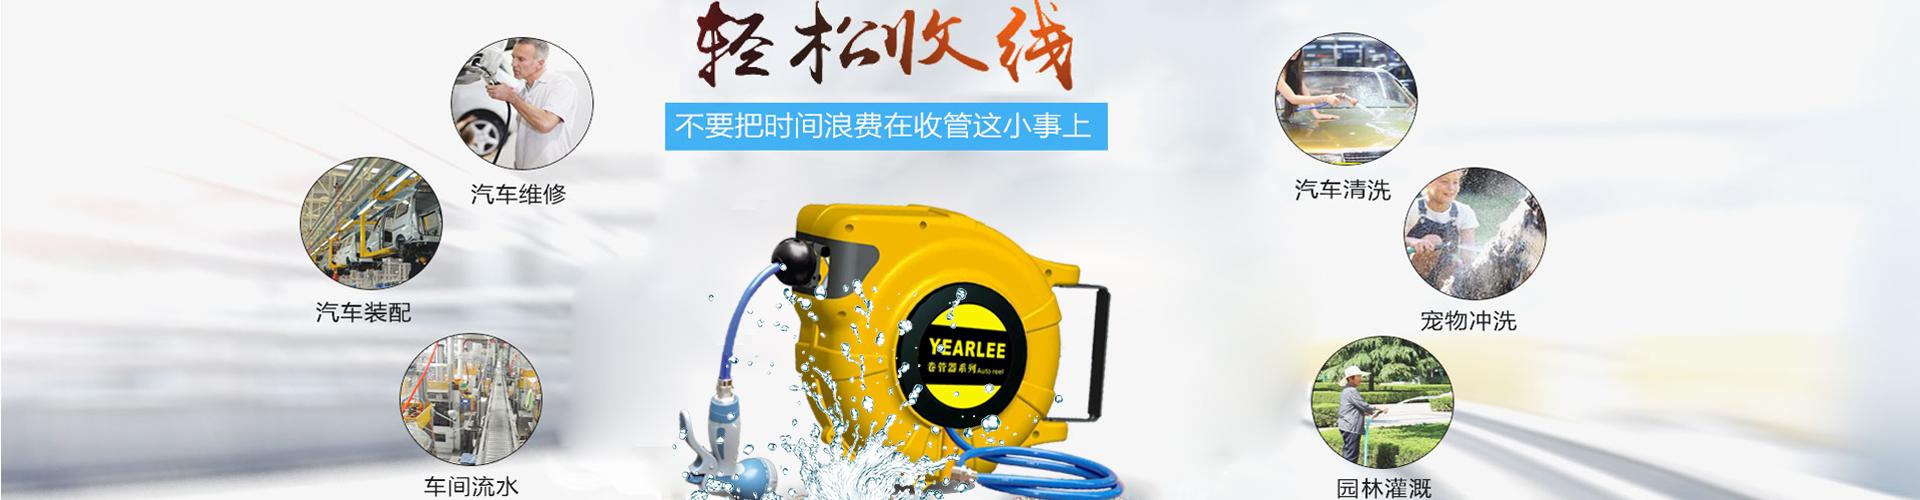 贵阳洗车设备厂家